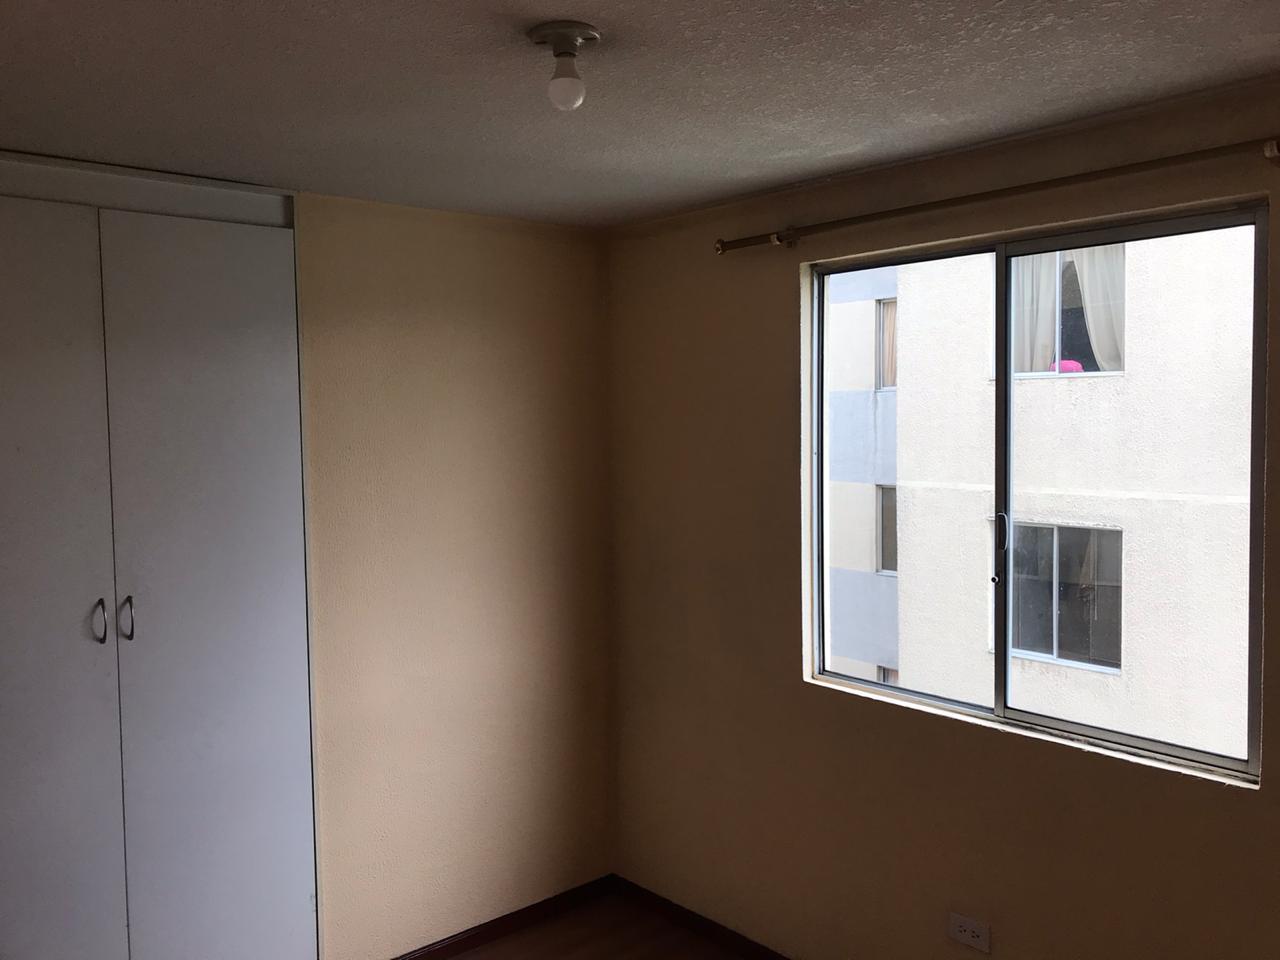 Departamento Amplio en Pichincha de 3 habitaciones,  2 baños y garaje